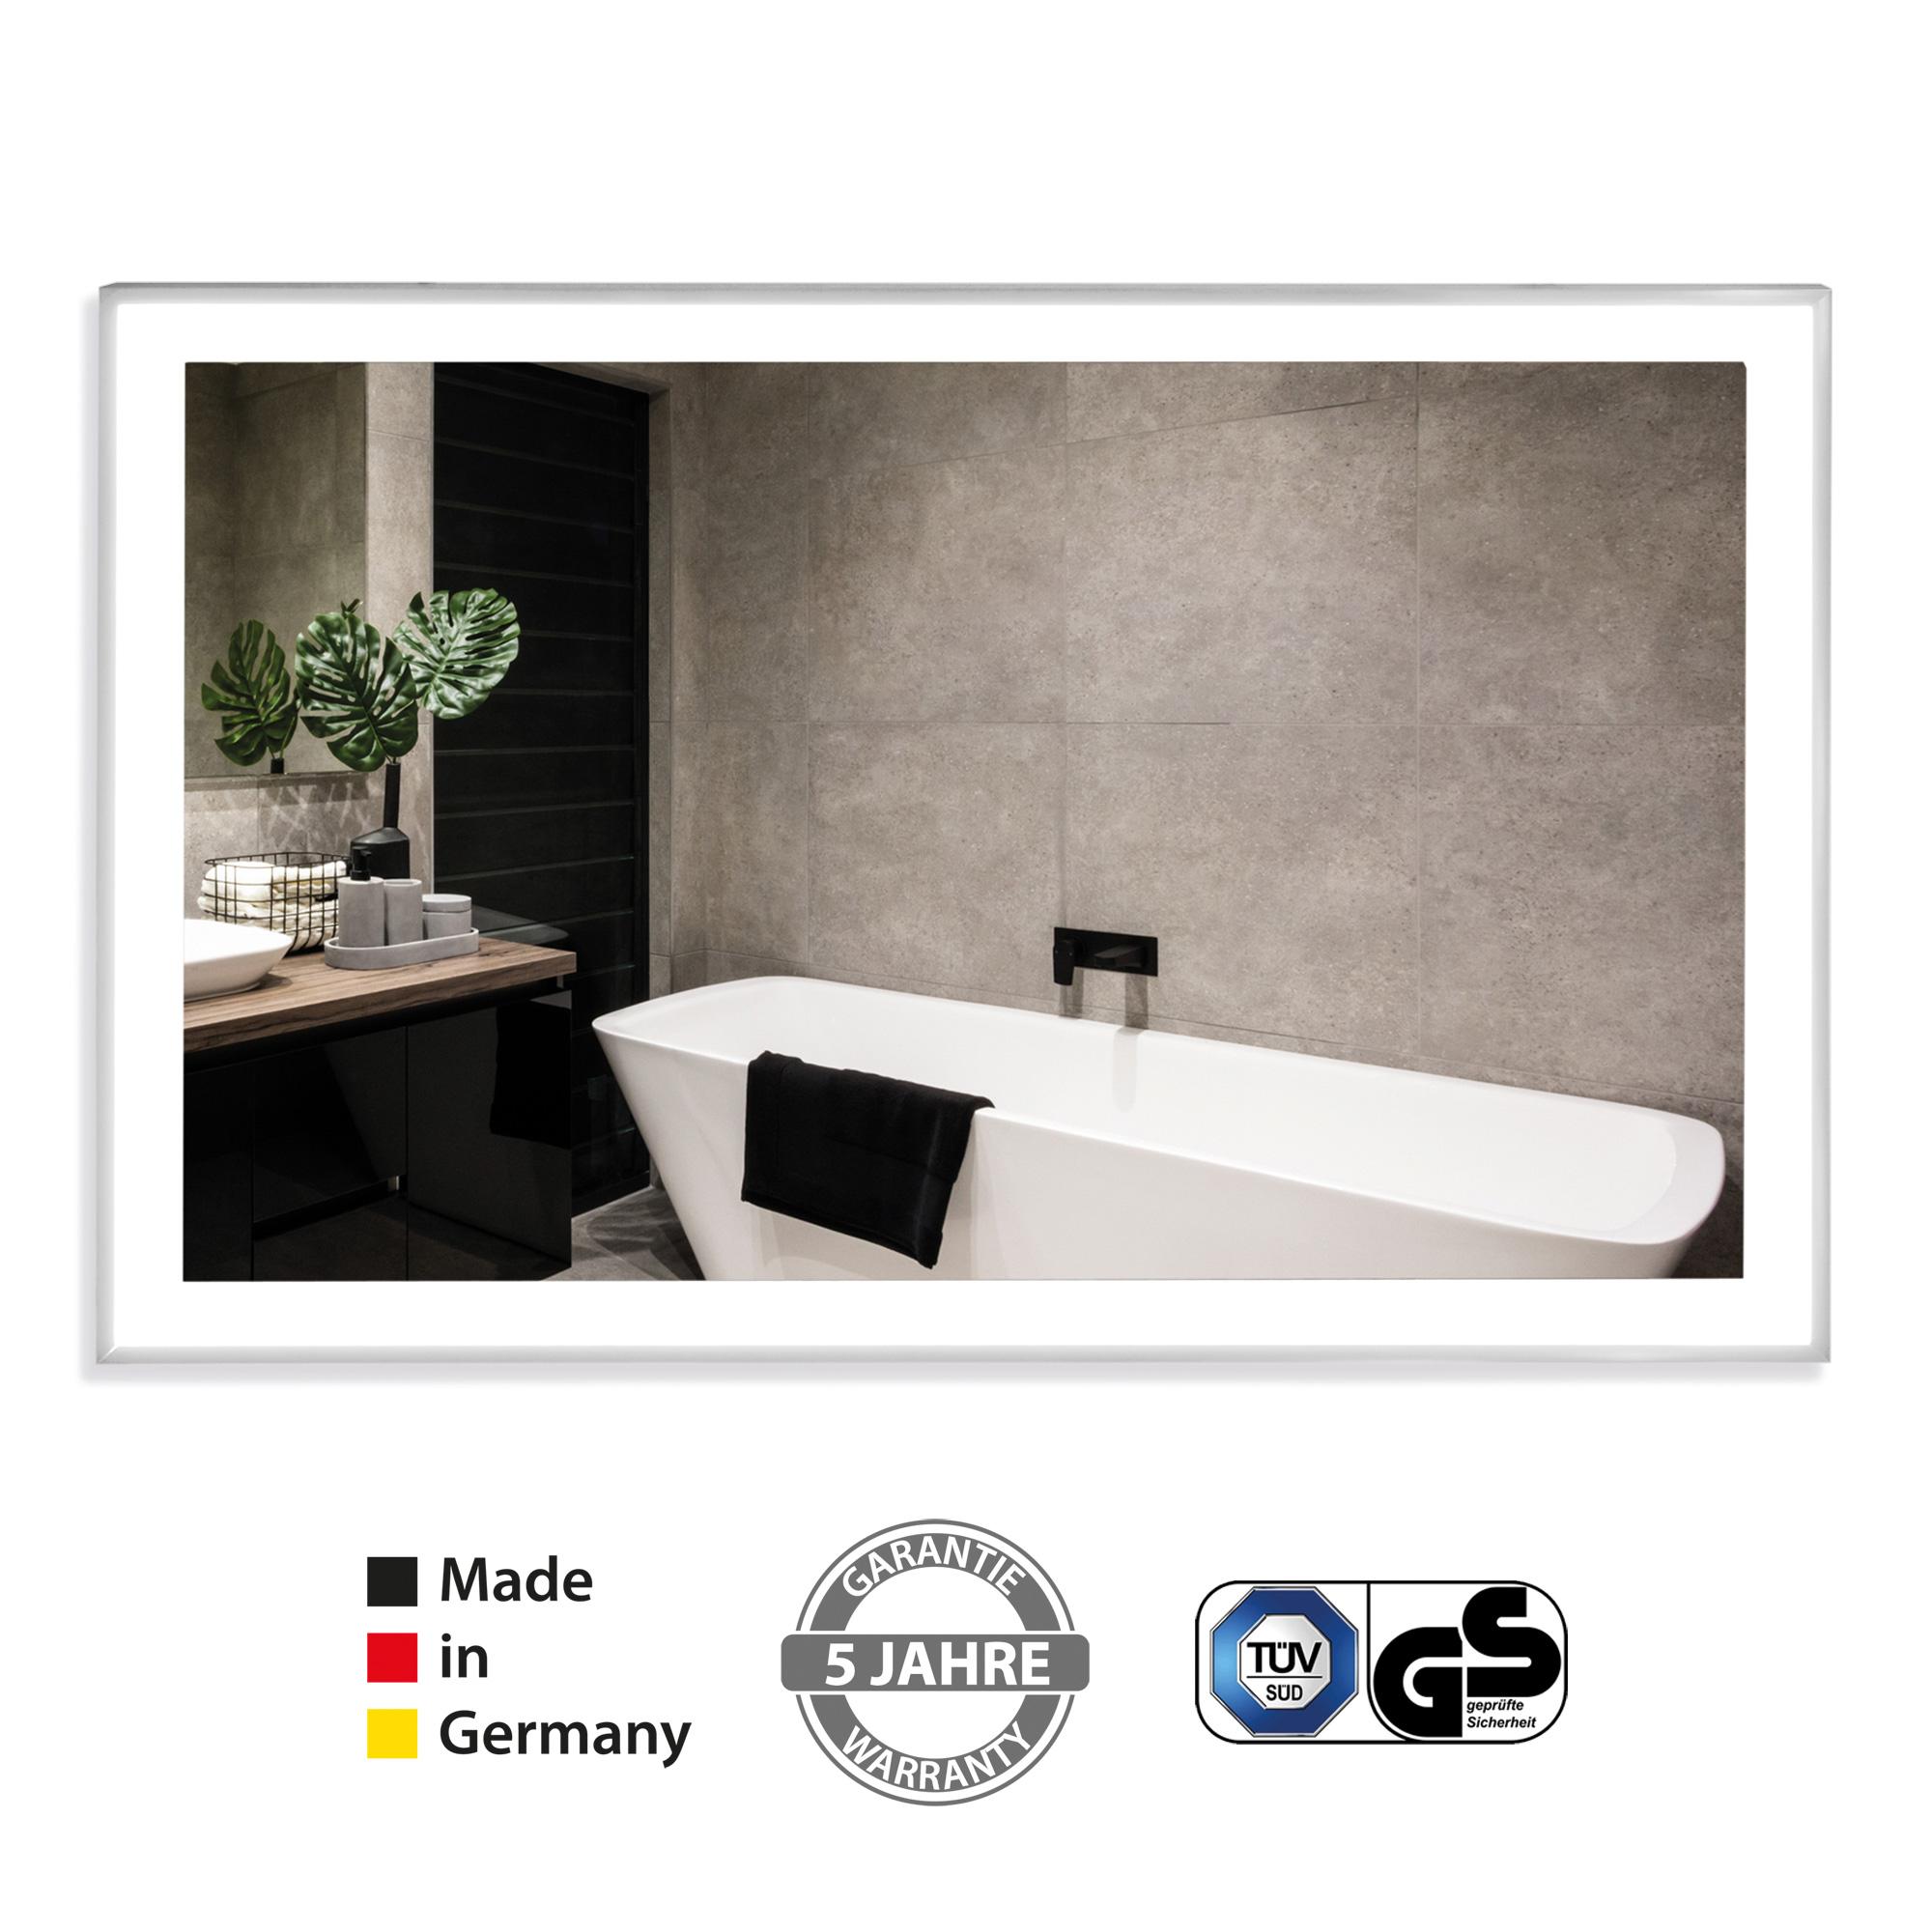 Der Infrarotheizung Bad Spiegel mit Beleuchtung Zipris S LED von VASNER